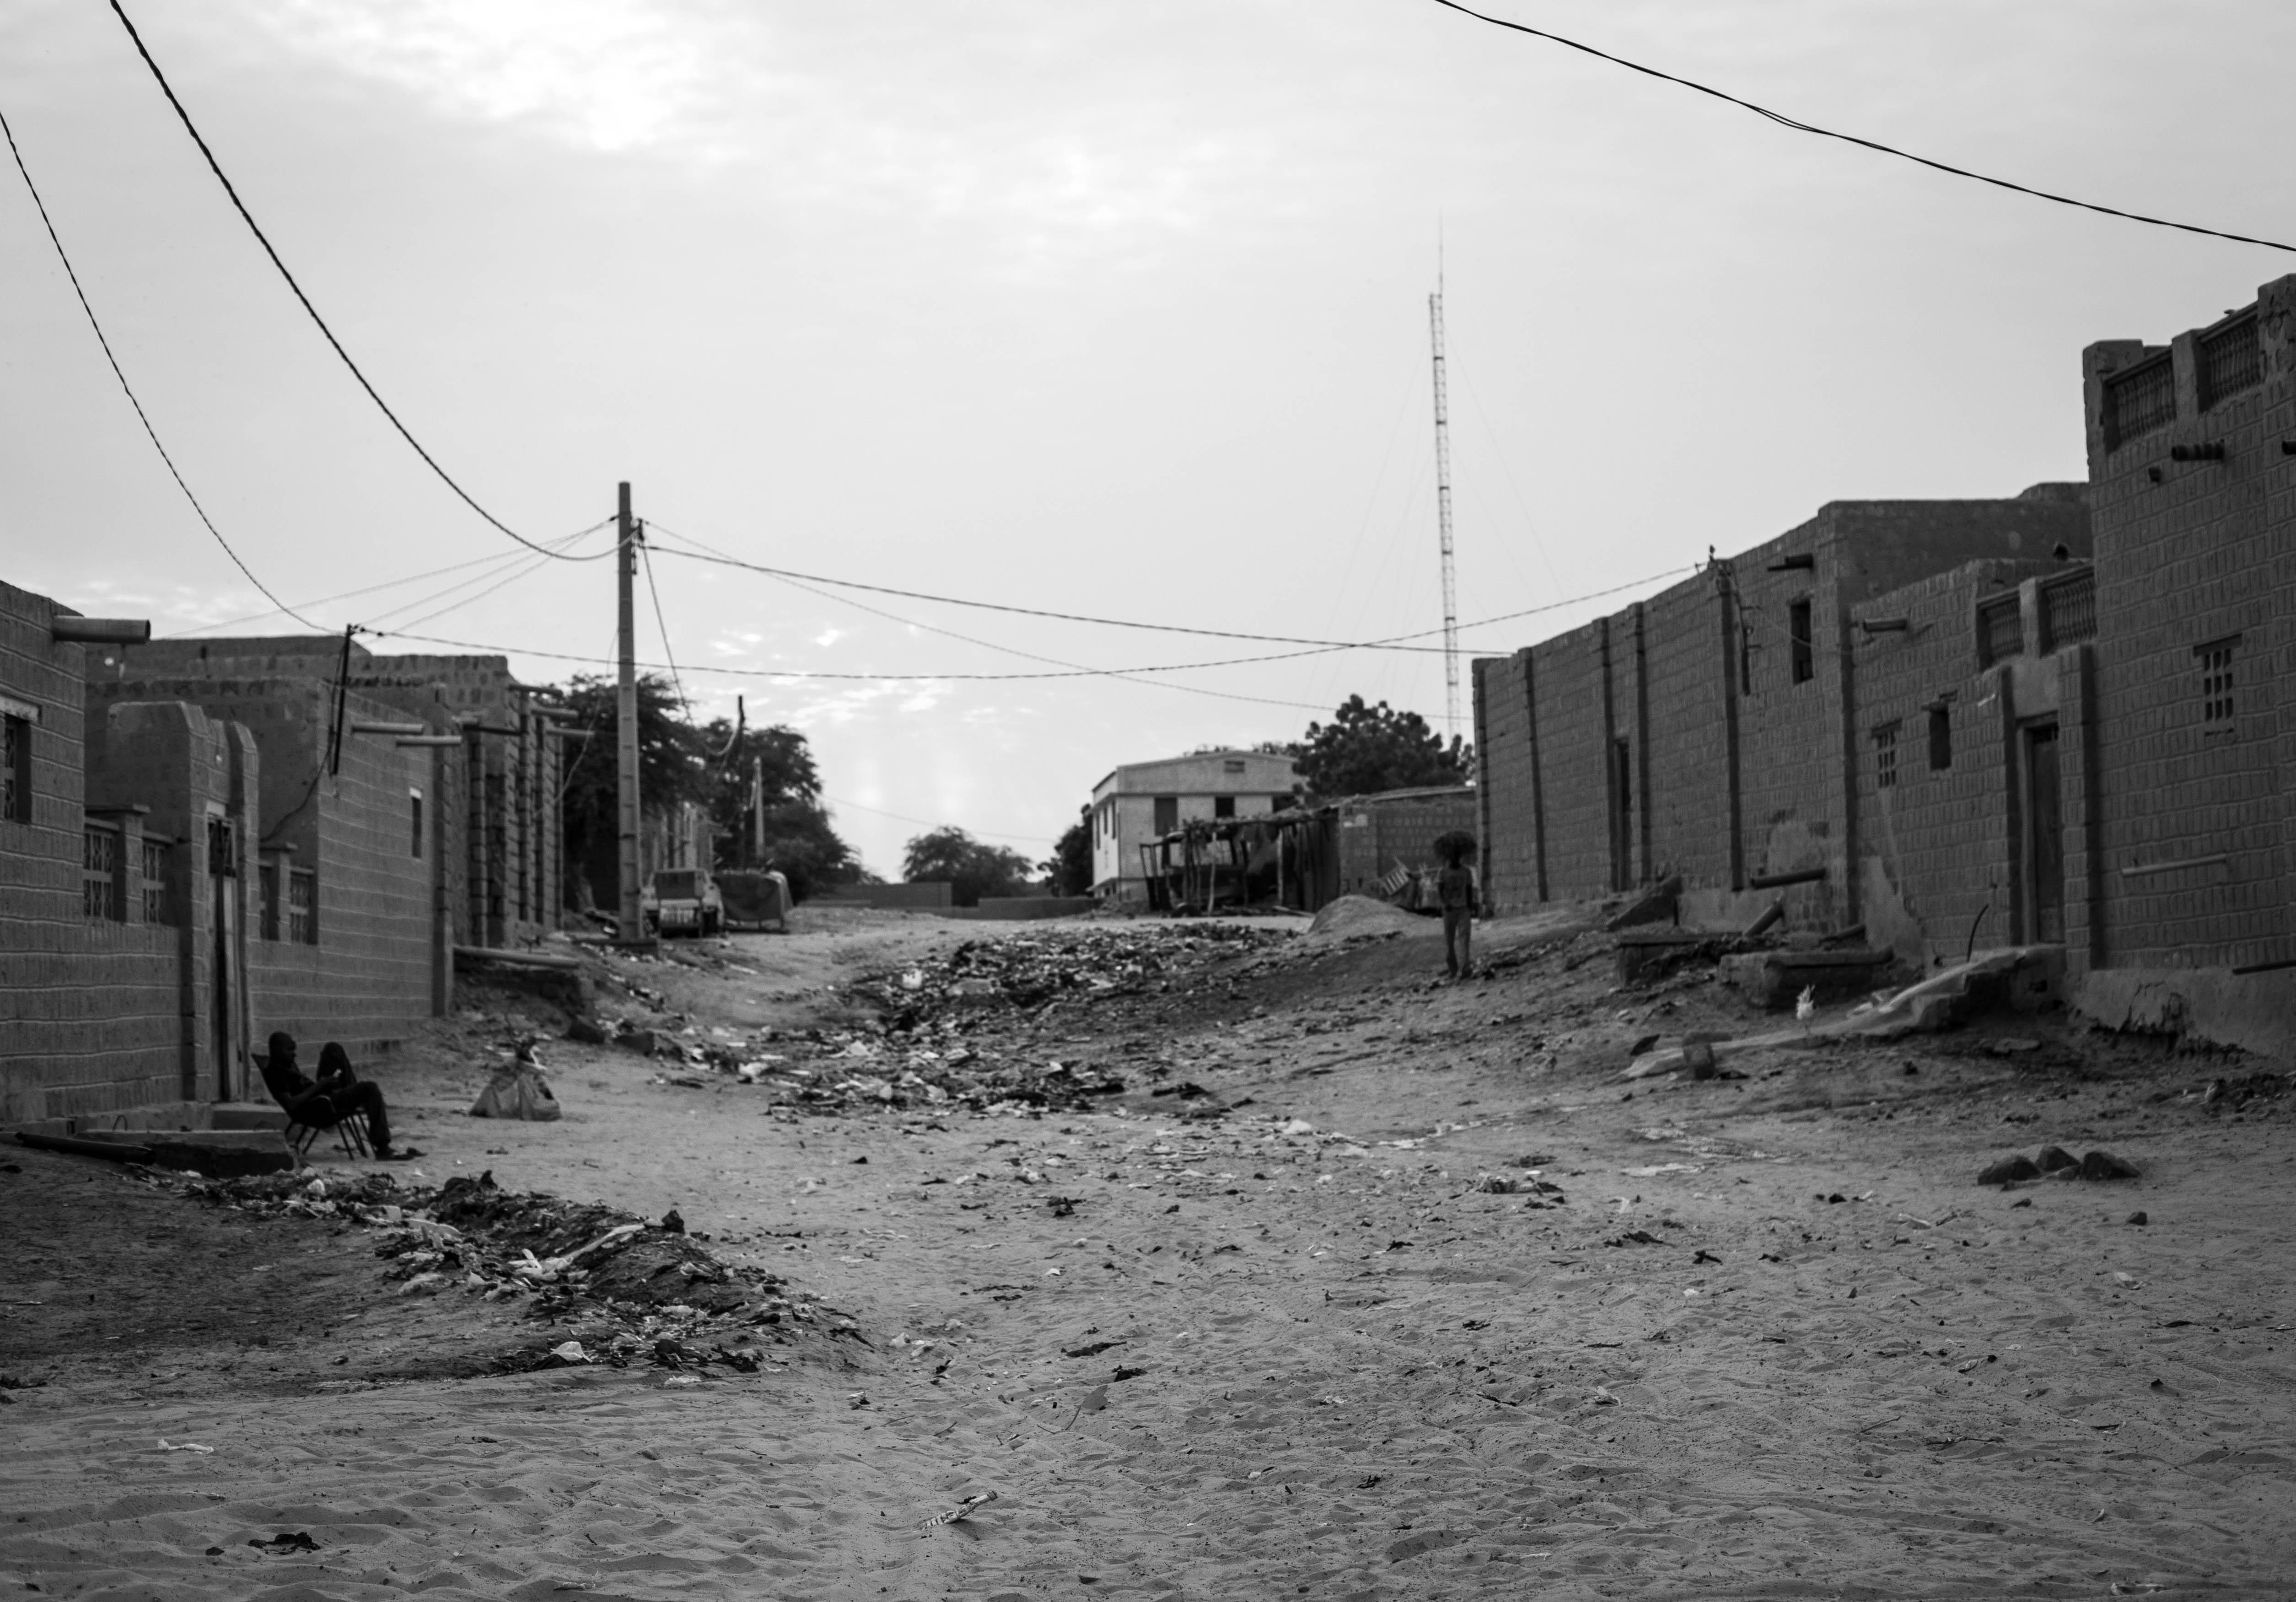 Una de las calles del barrio de Hamabangou, donde pueden apreciarse los residuos entremezclados con la arena